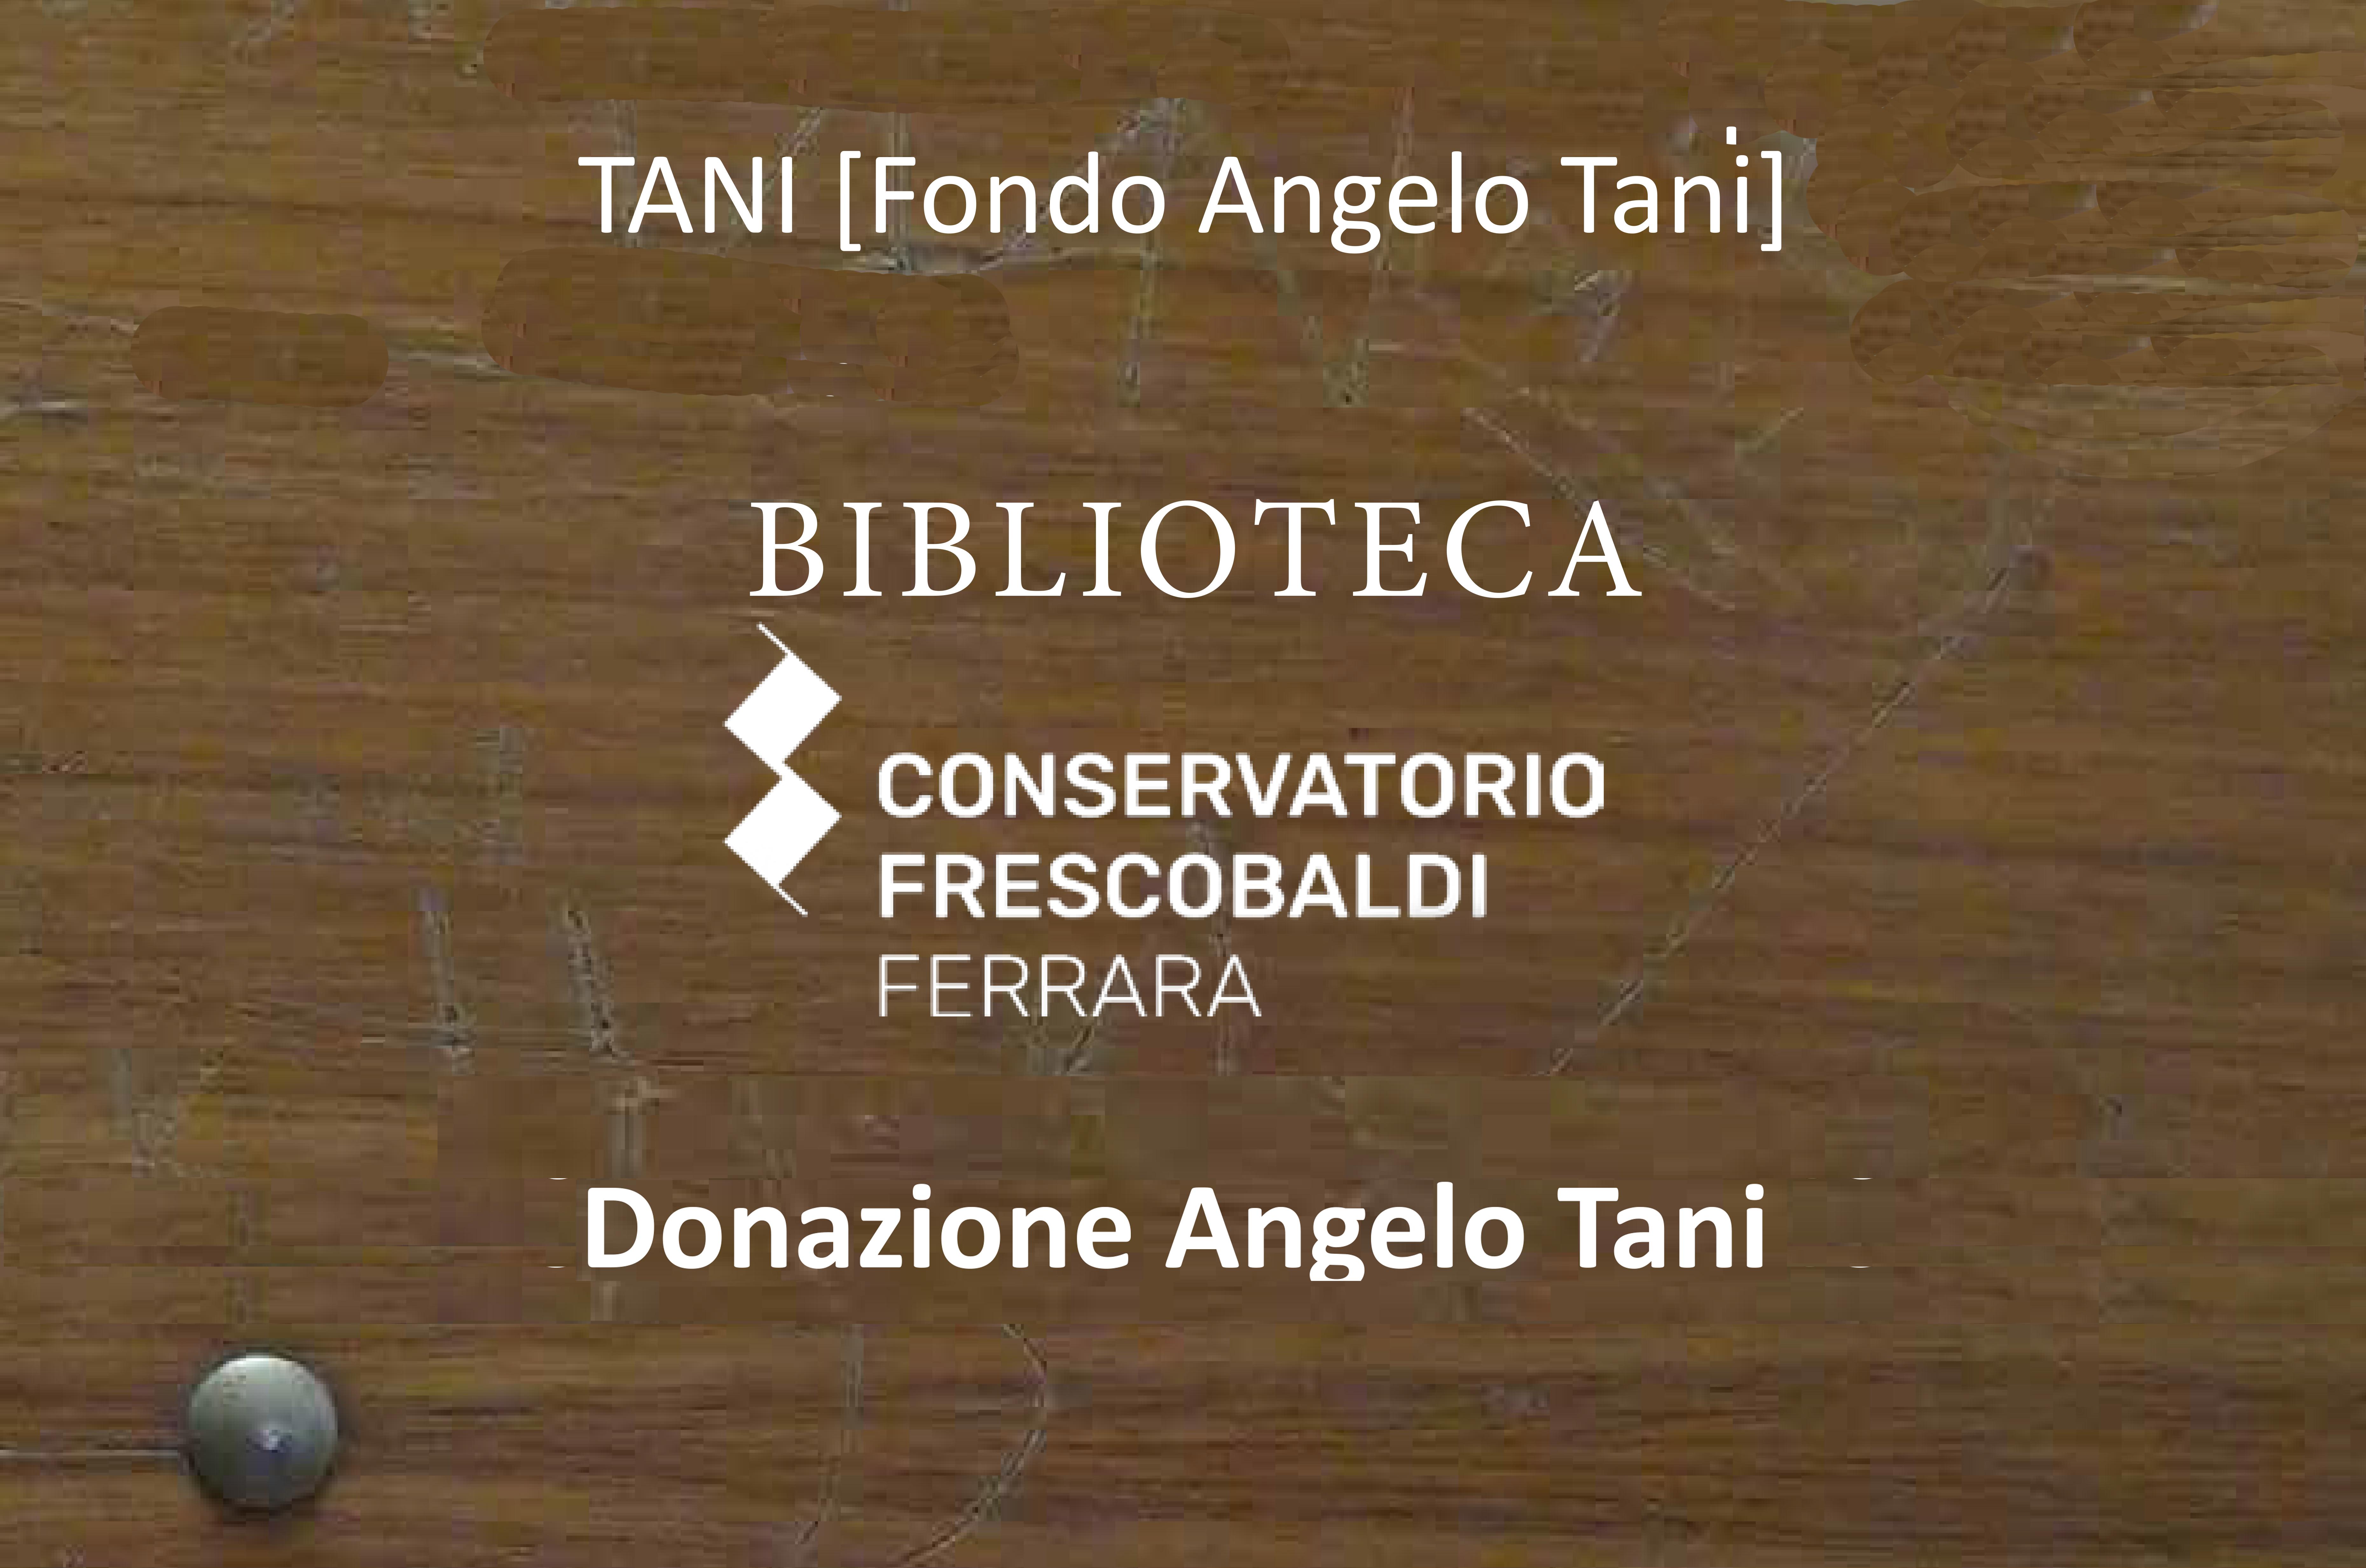 Fondo Tani